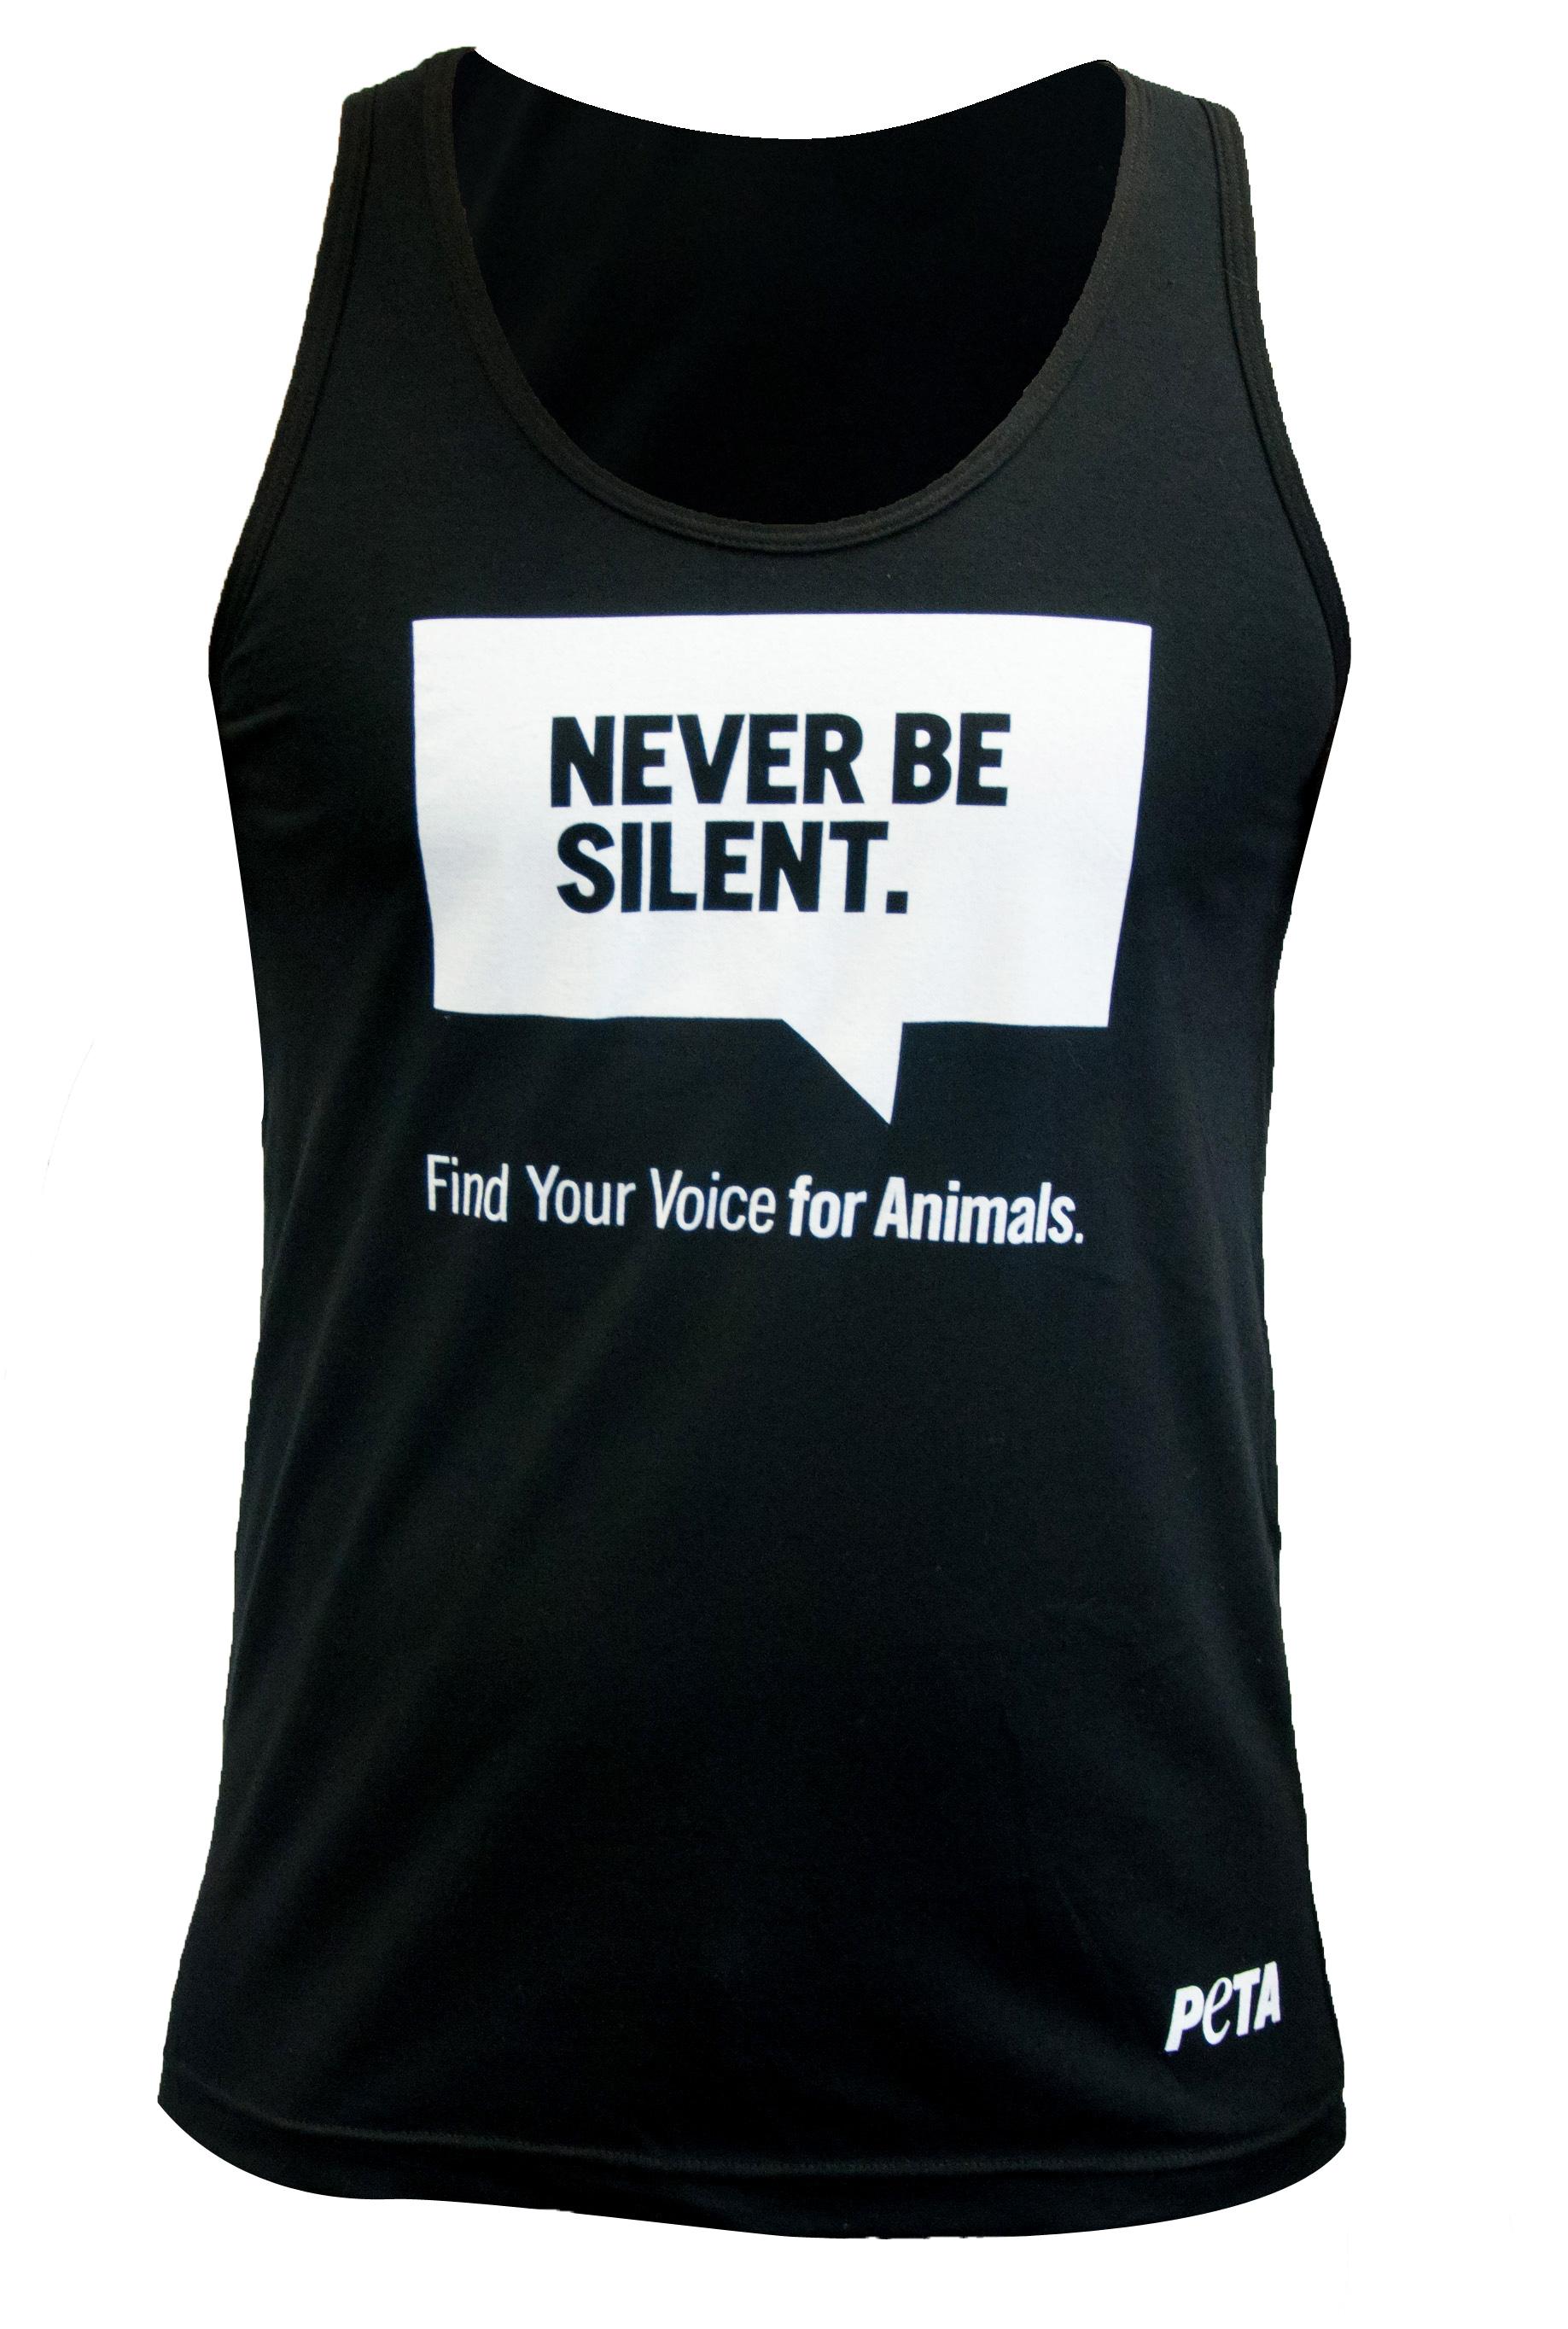 Never Be Silent Tank Top: PETA Catalog